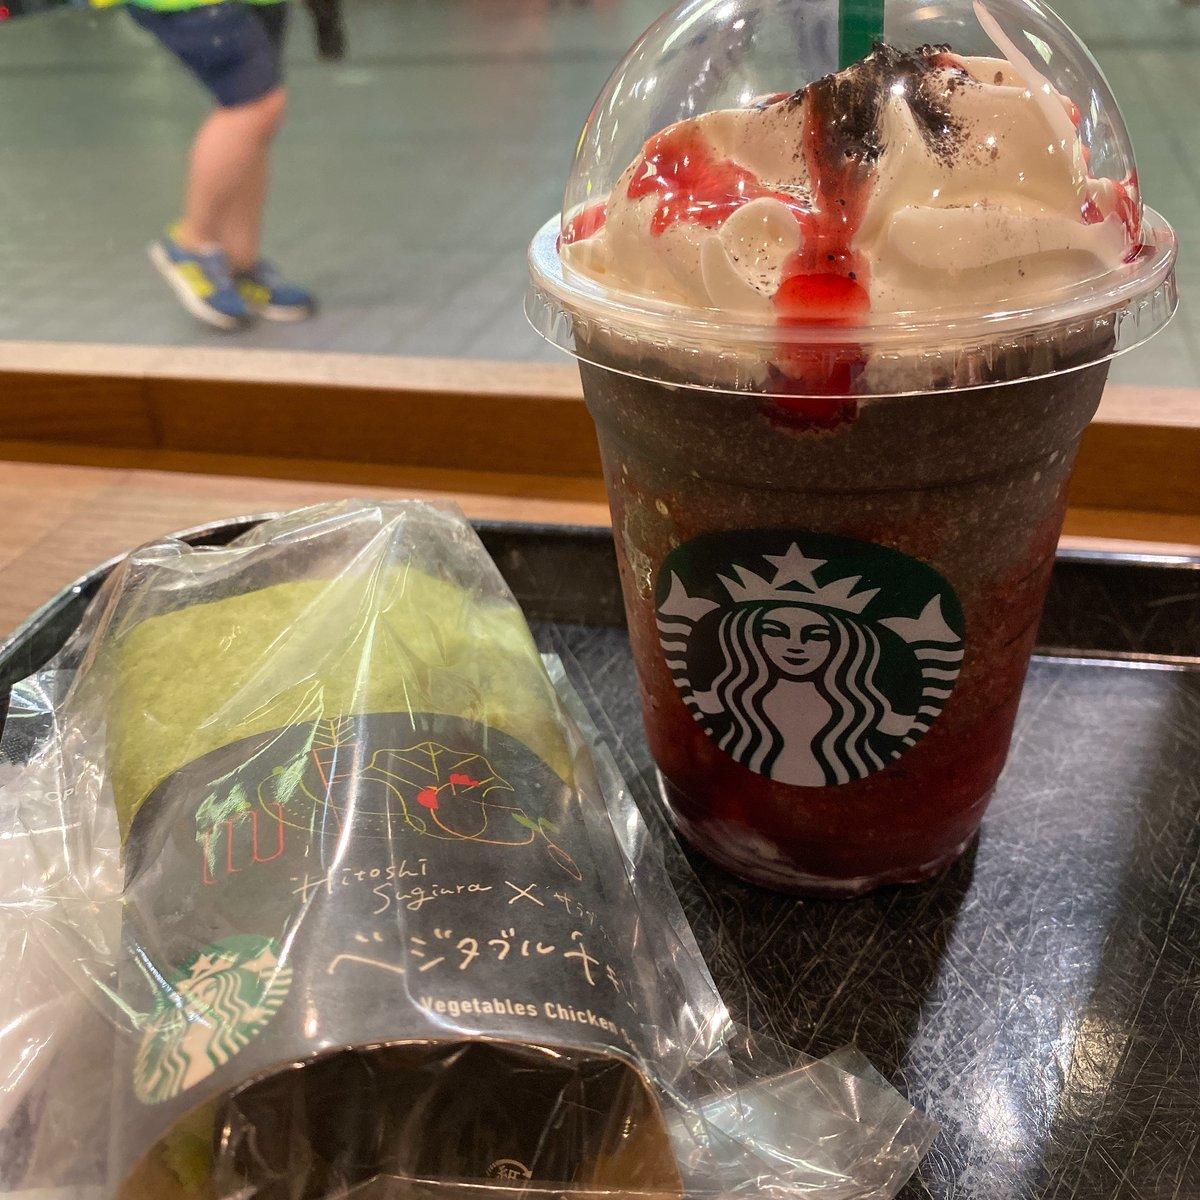 いつもは220円のアイスコーヒー 今日は贅沢に  みんながギフト券いっぱいくれました 感謝 https://t.co/1WDNqitUIX